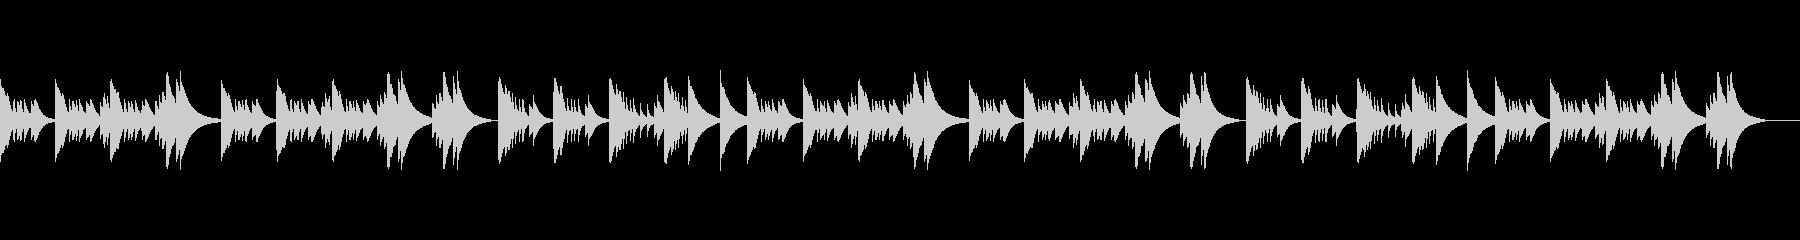 さびしげな歌メロ感のあるオルゴールBGMの未再生の波形